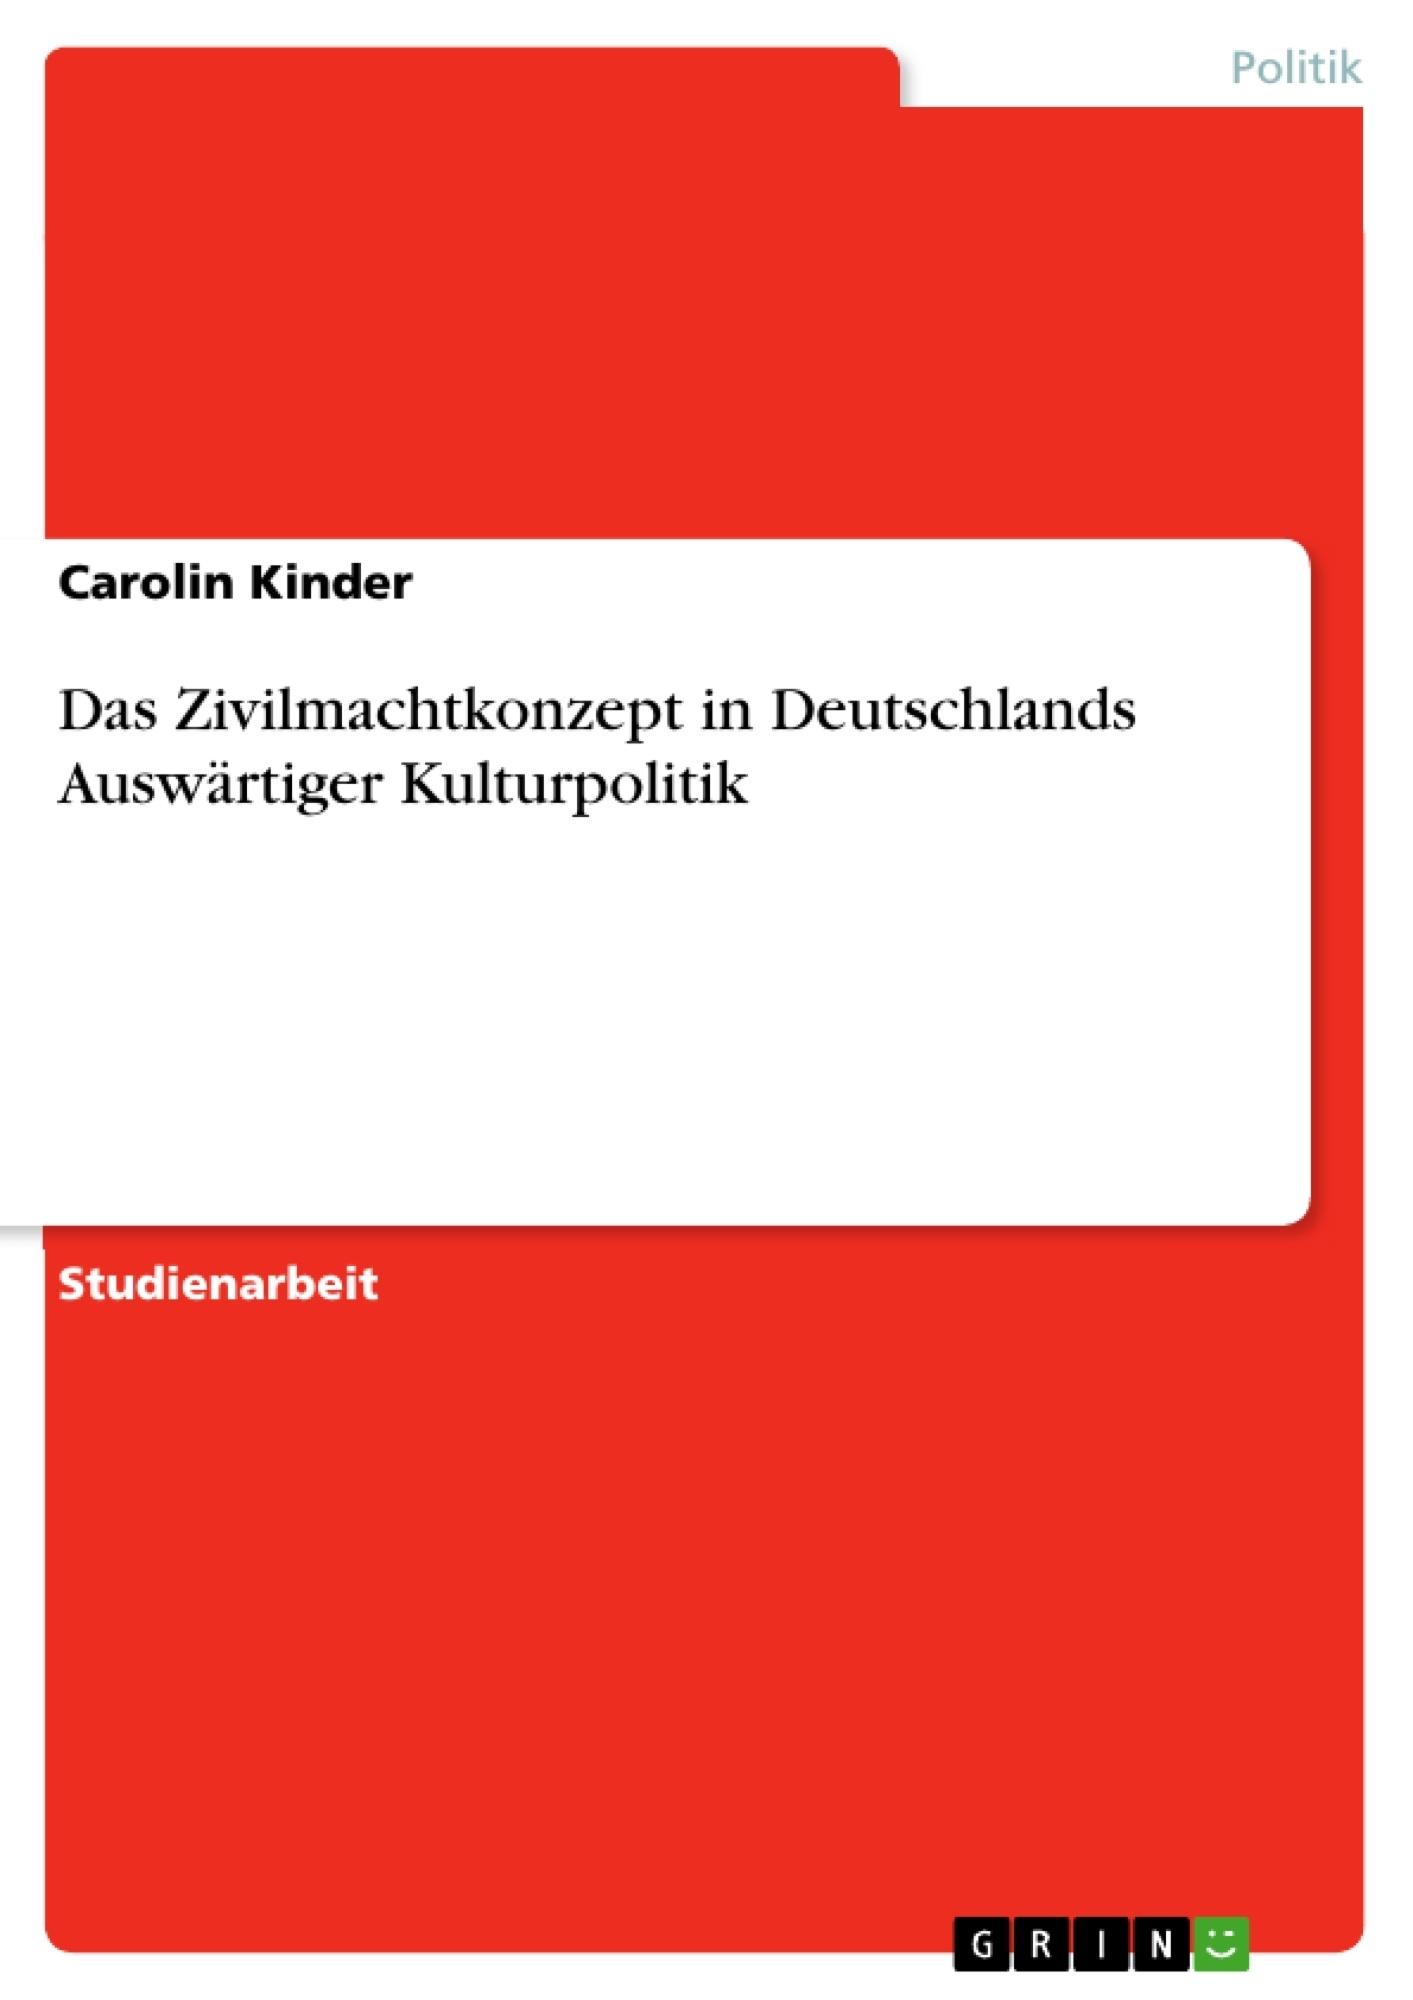 Titel: Das Zivilmachtkonzept in Deutschlands Auswärtiger Kulturpolitik